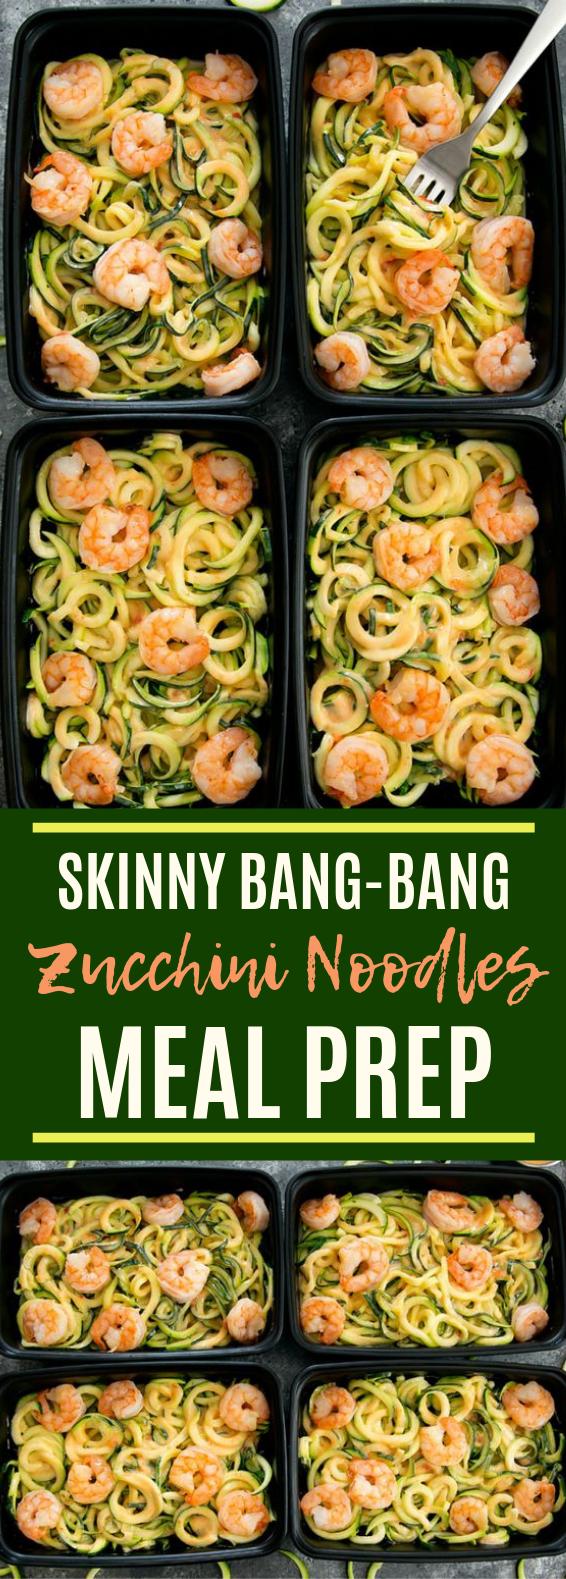 Skinny Bang Bang Zucchini Noodles Meal Prep #lunch #keto